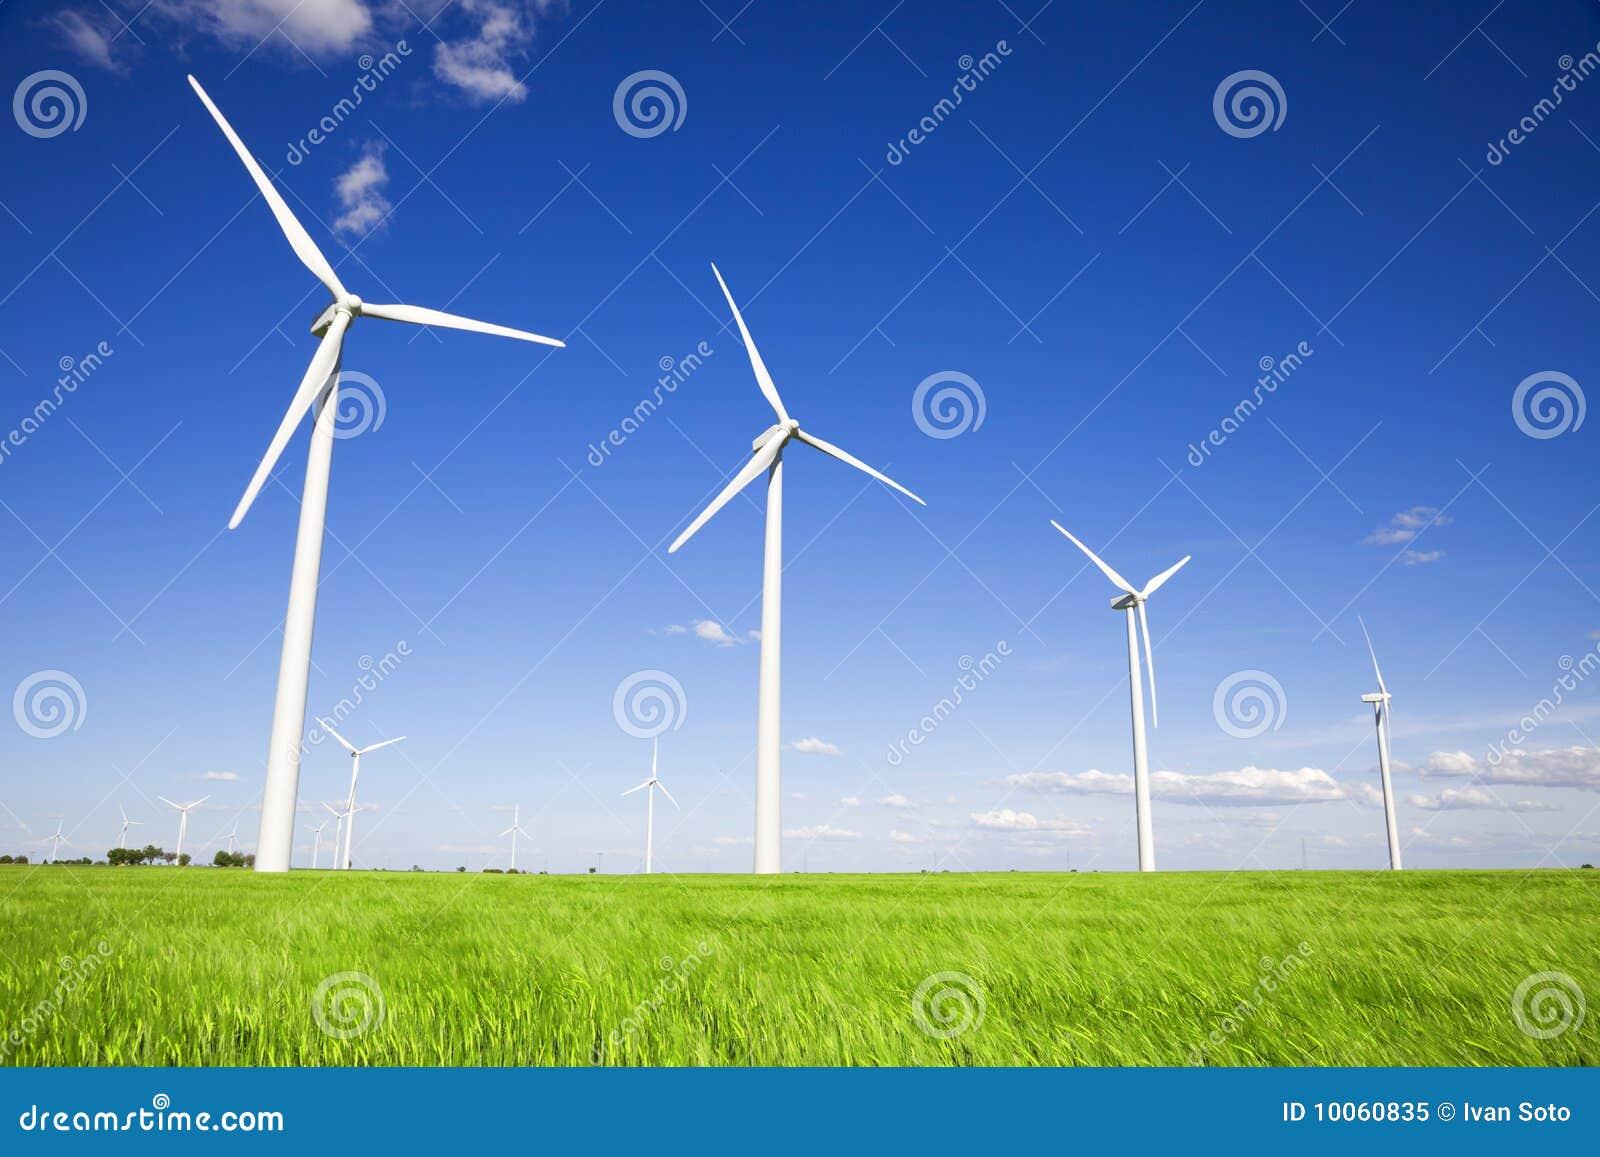 Moinhos de vento sobre campos verdes